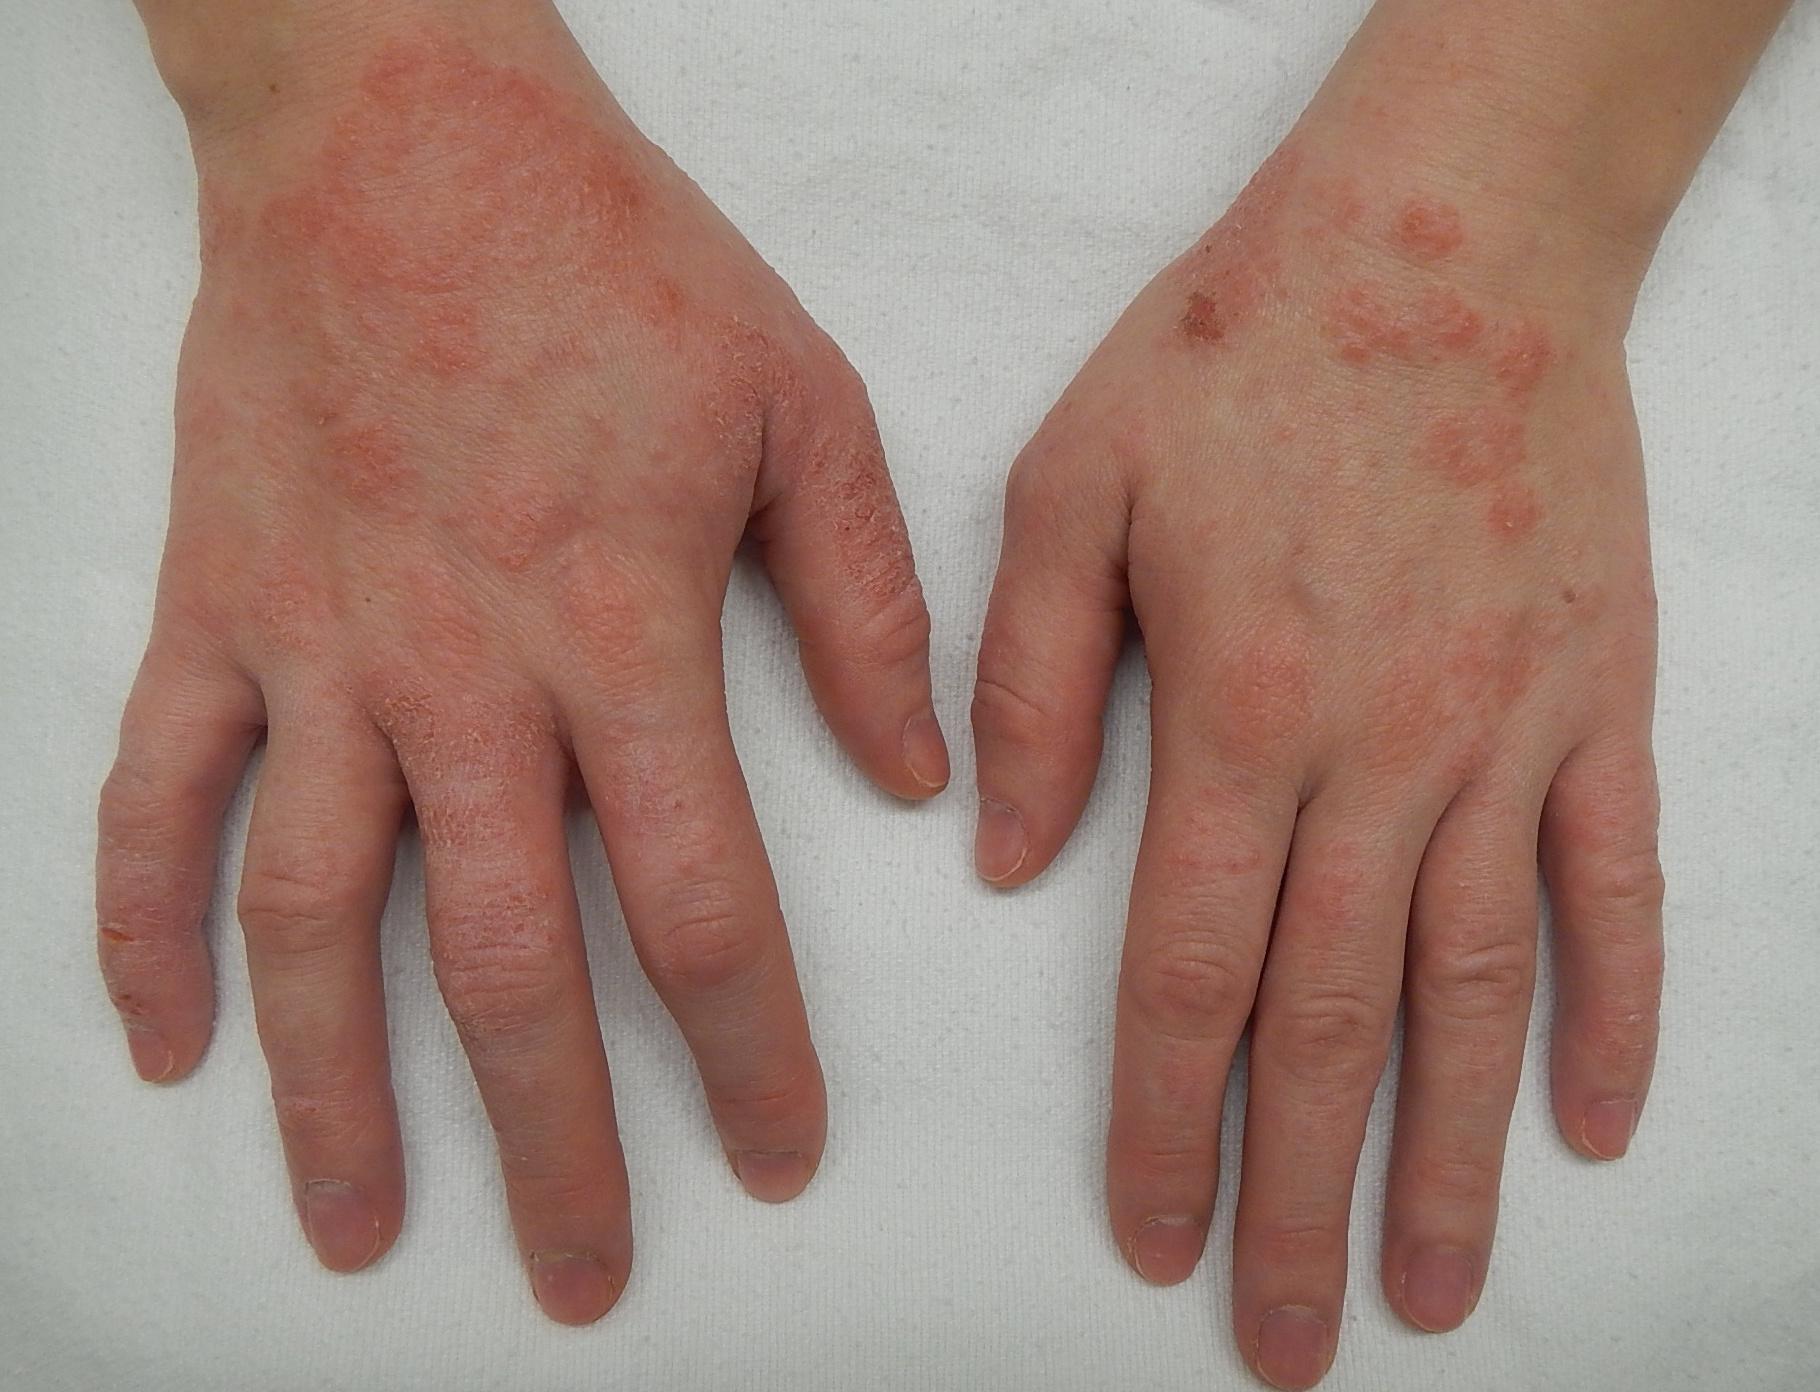 Száraz bőr - tünetei, okai, kezelése, ápolása - Bioderma webáruház